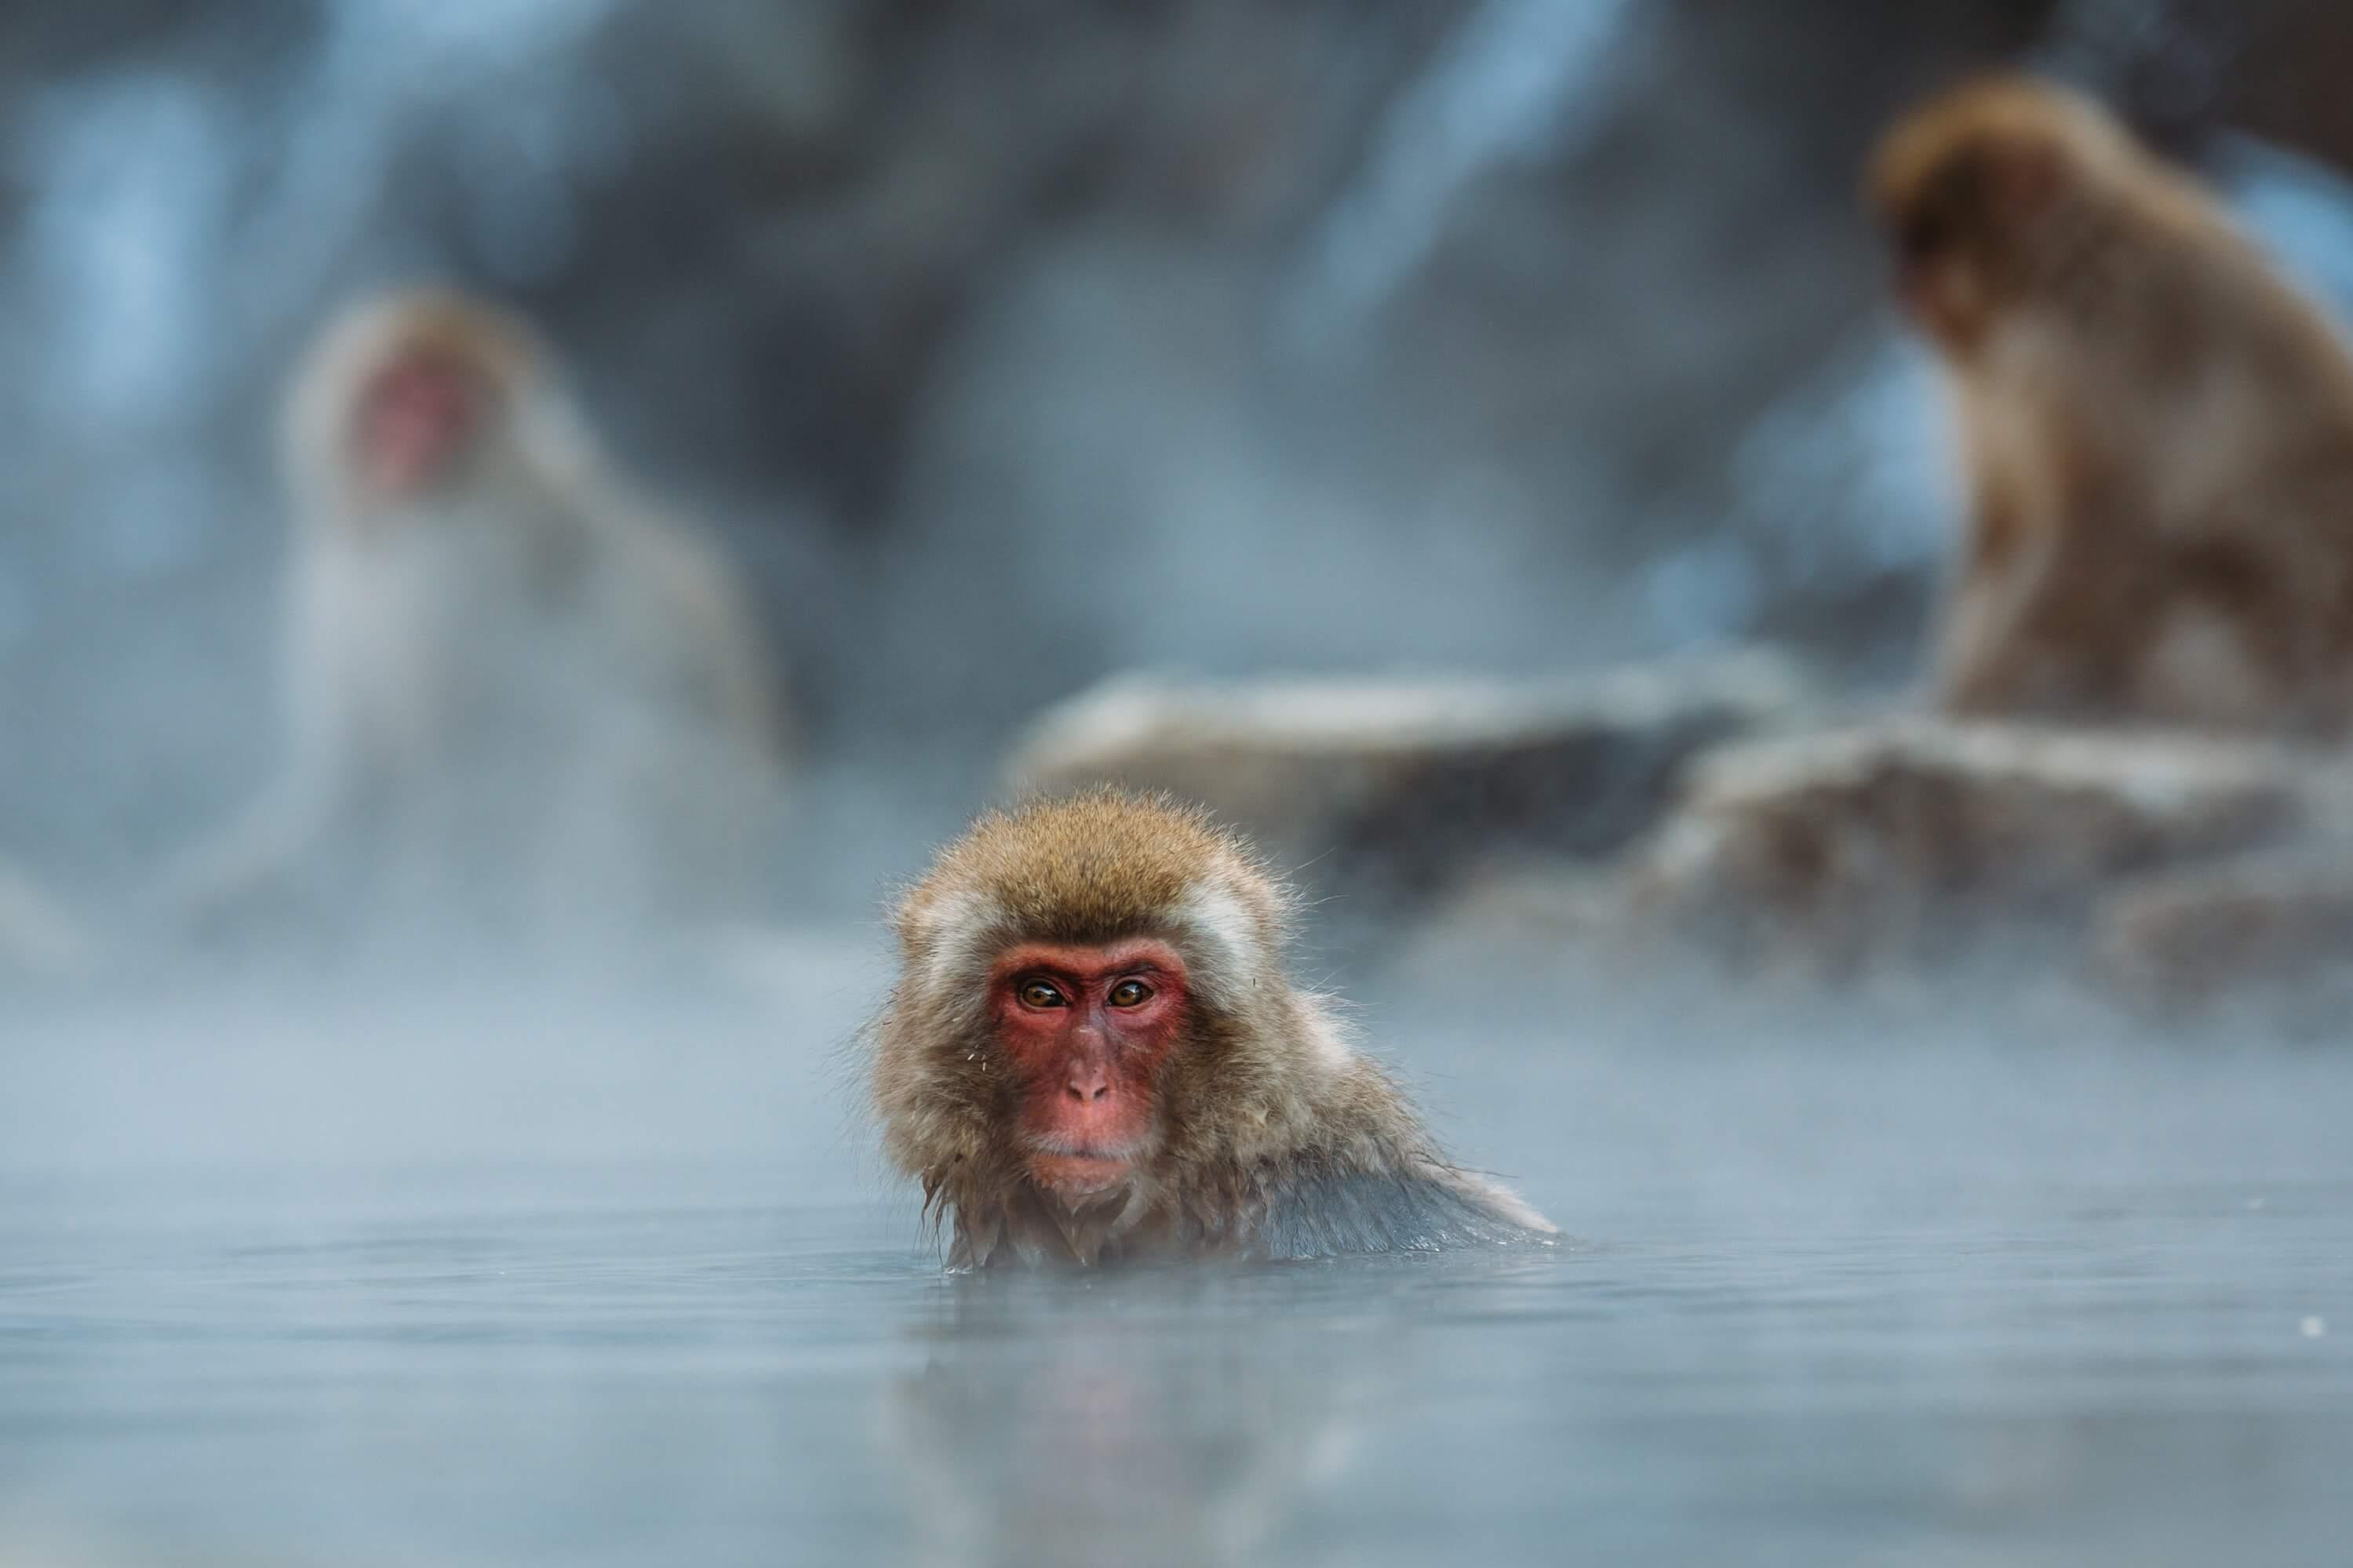 Monkey Nagano